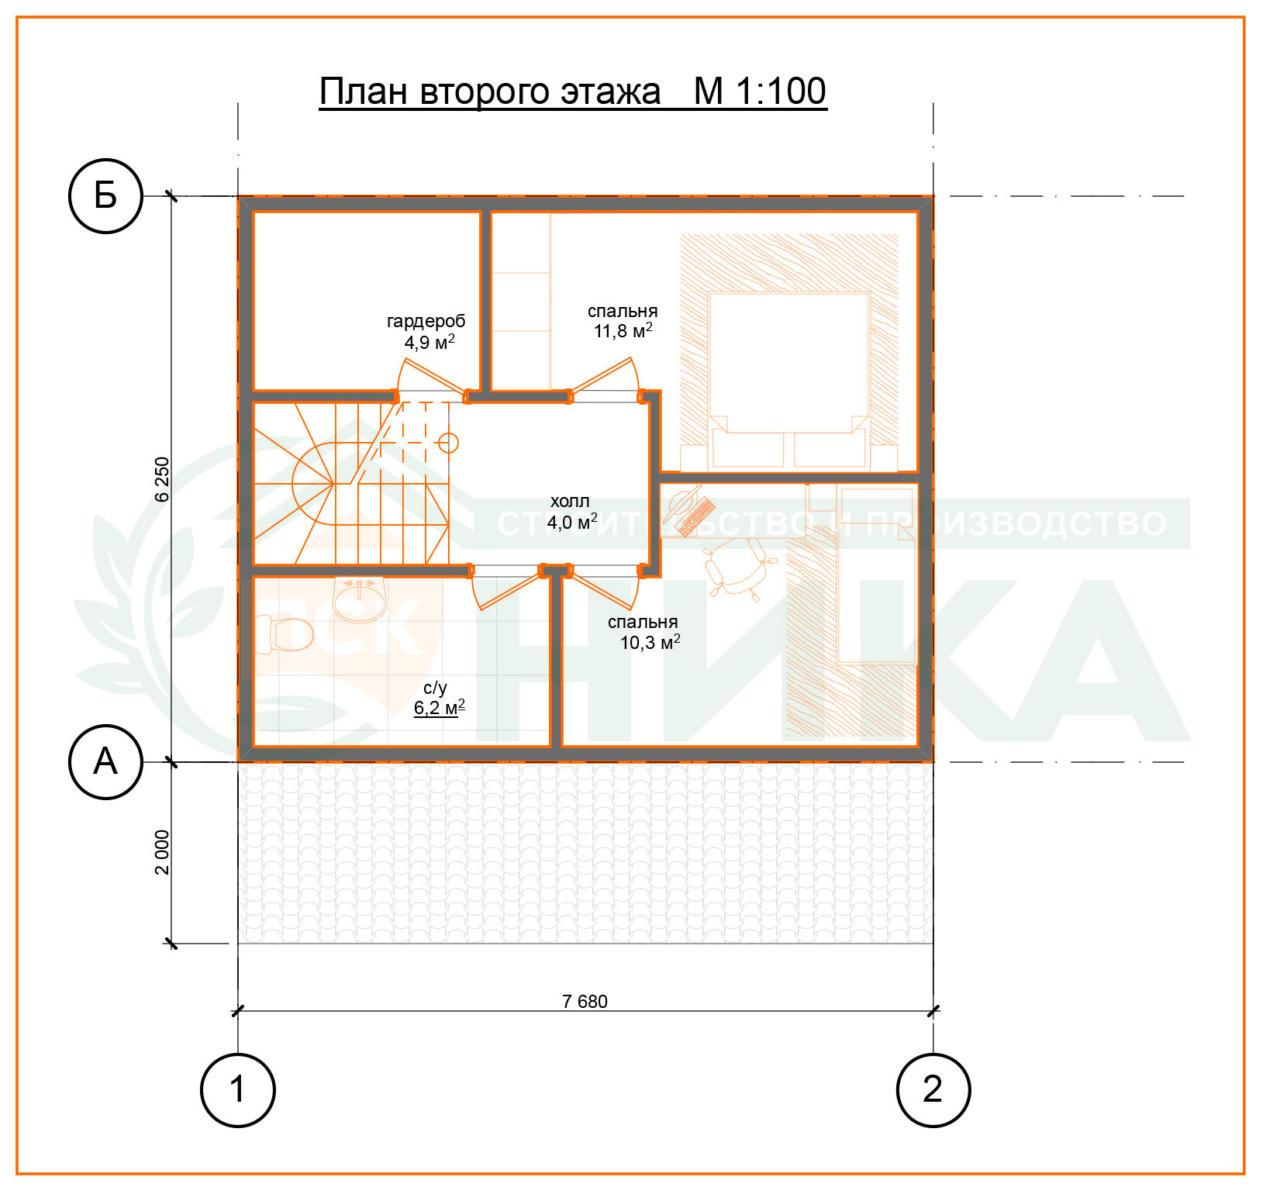 План второго этажа по проекту Терем